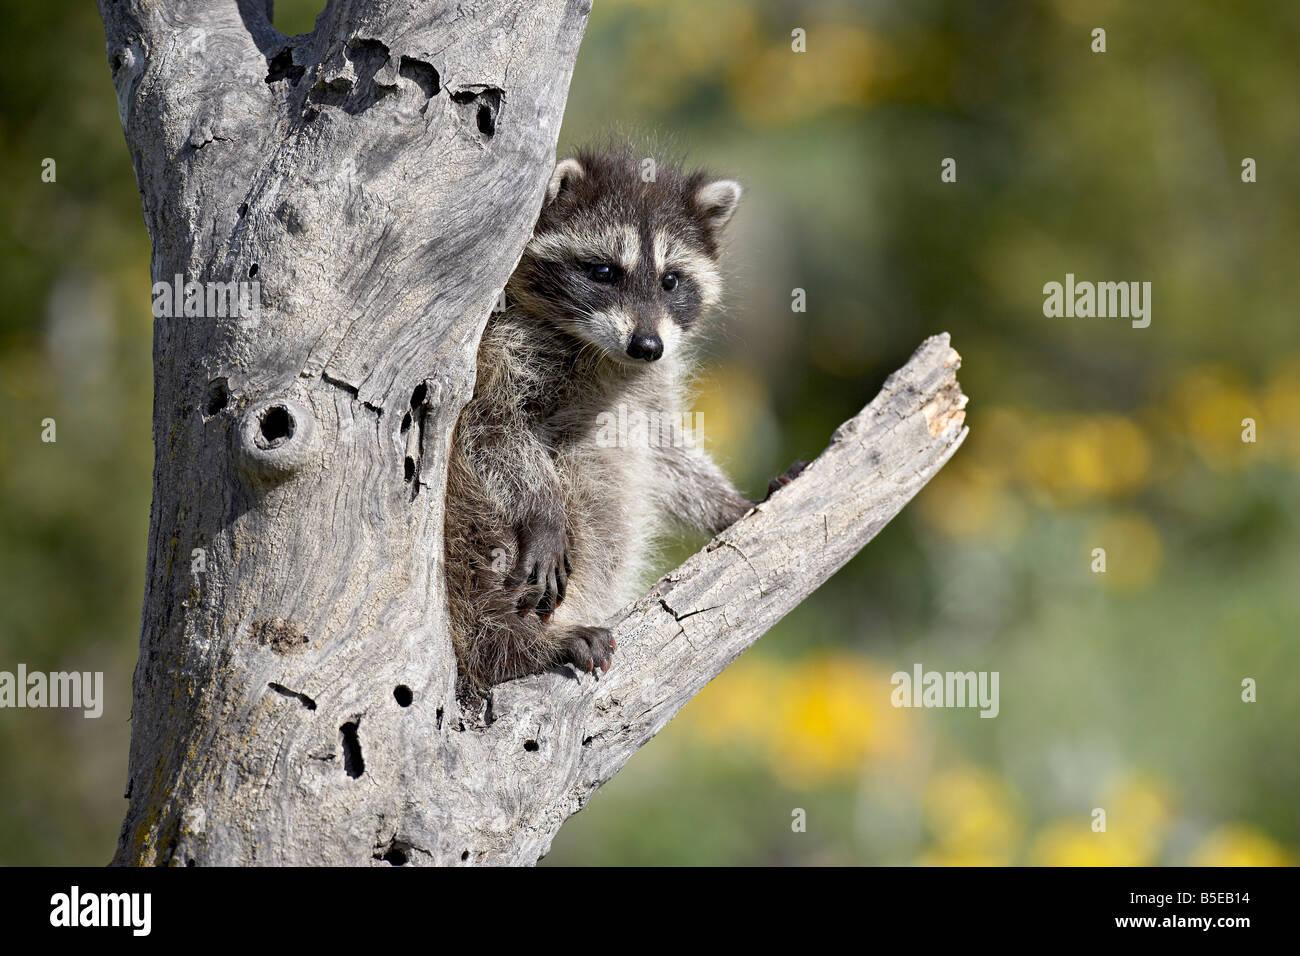 Baby raccoon (Procione lotor) in cattività, gli animali del Montana, Bozeman, Montana, USA, America del Nord Immagini Stock